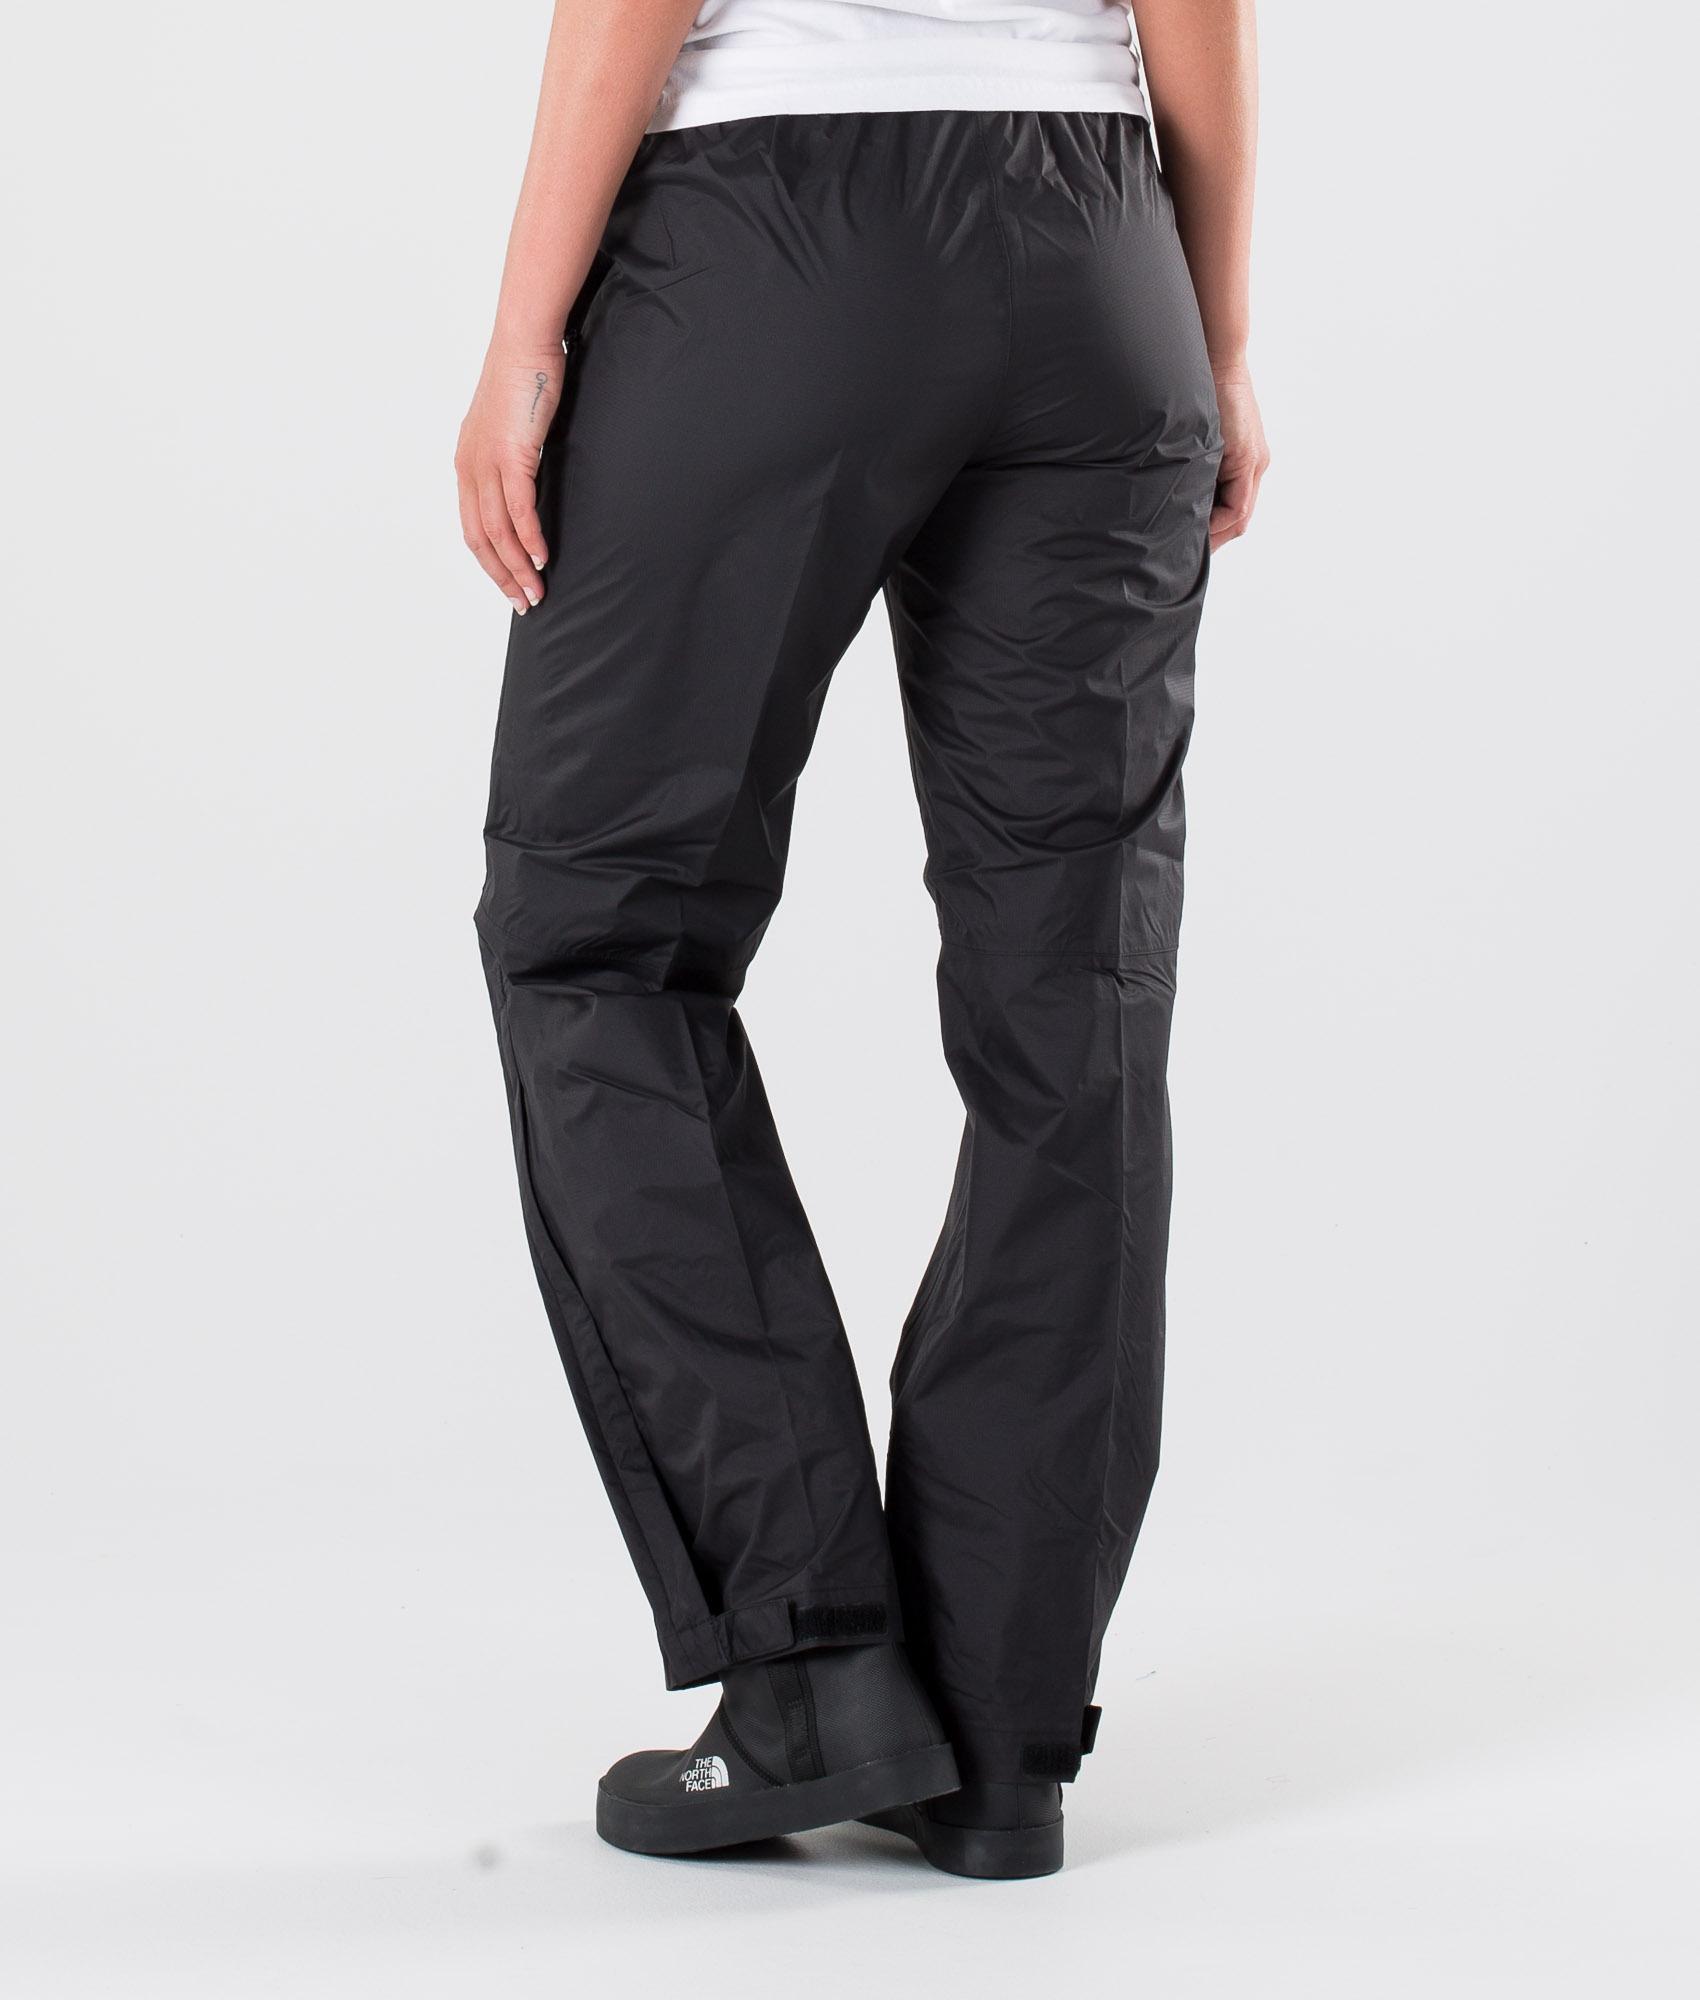 The North Face Venture 2 Hz Pnt Pantalon randonnée Tnf Black